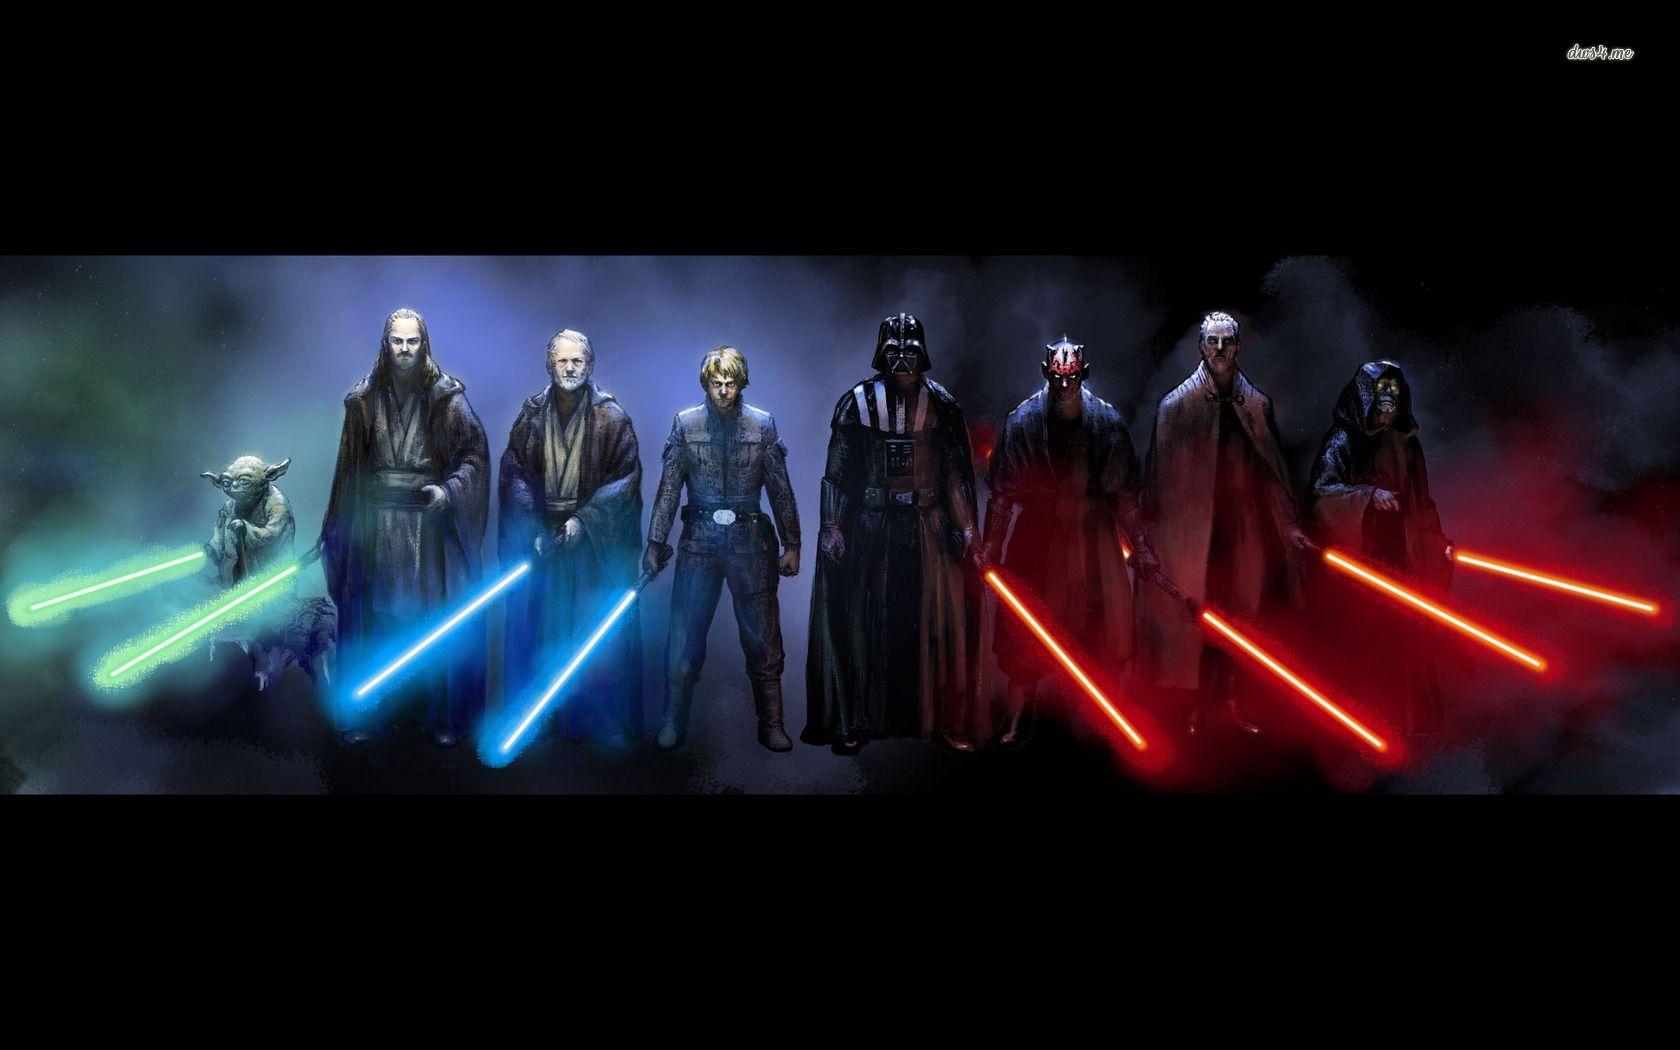 Jedi And Sith Star Wars Hd Wallpaper Star Wars Images Star Wars Pictures Star Wars Sith